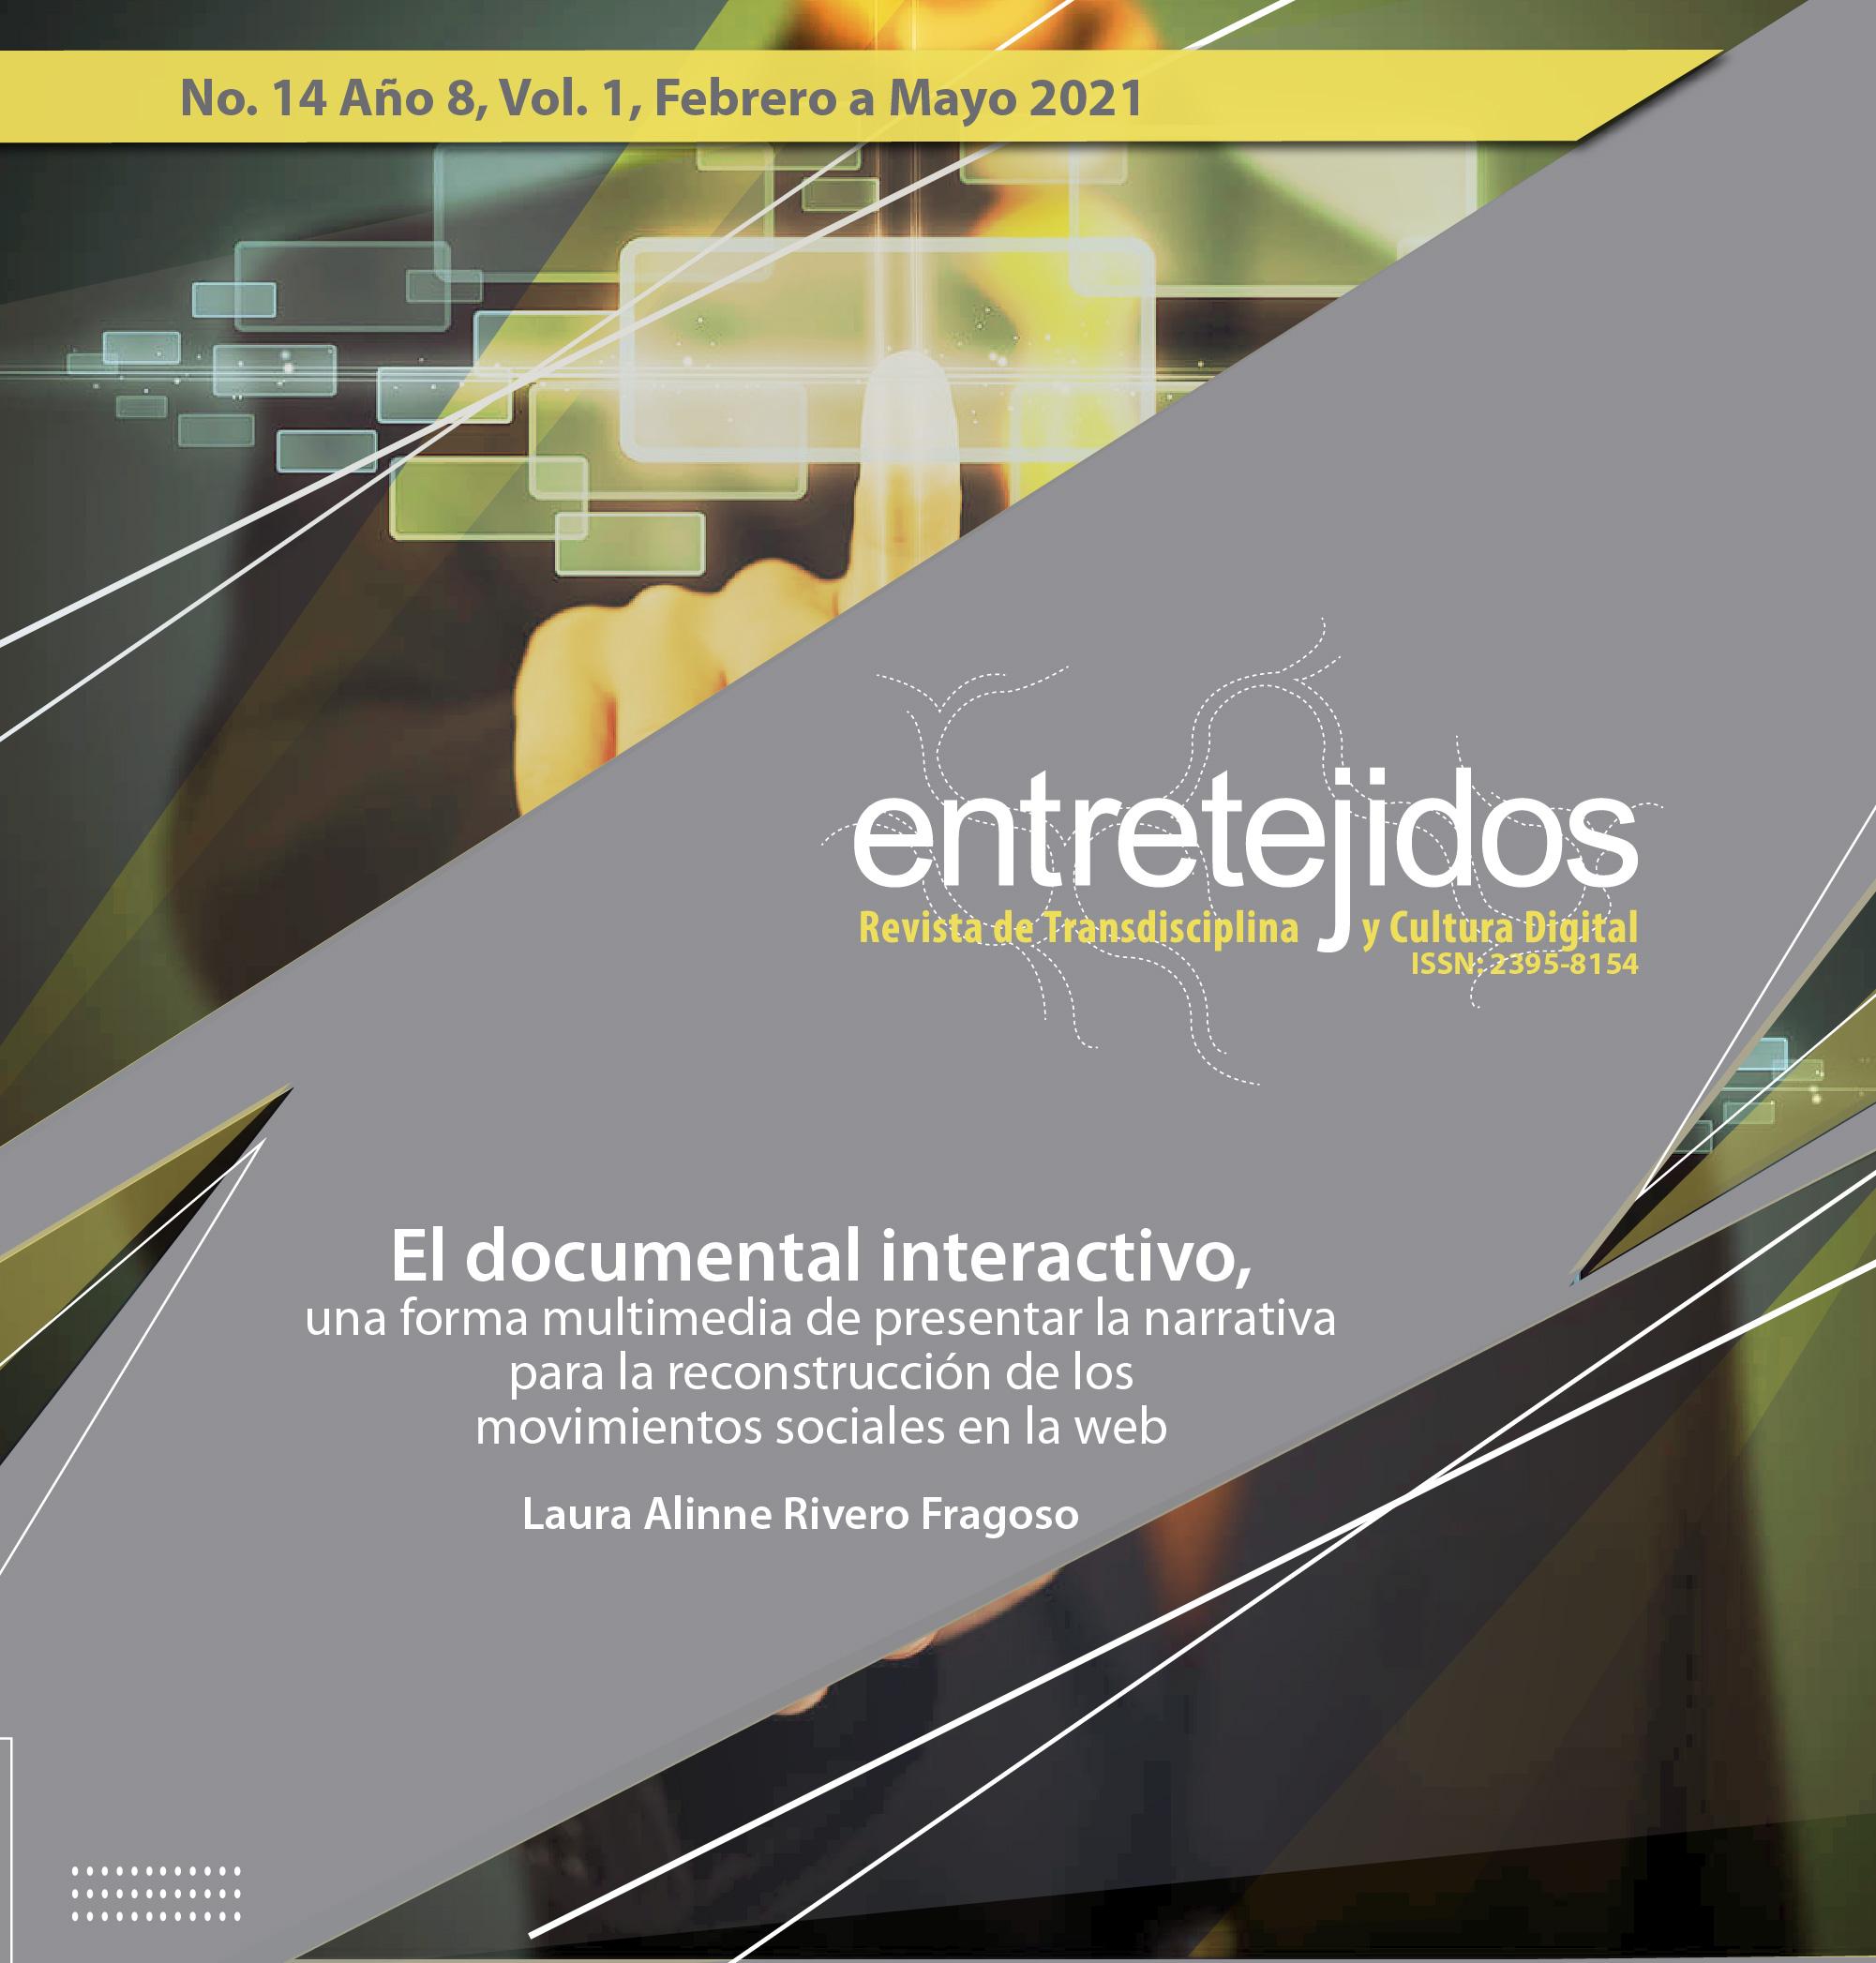 El documental interactivo, una forma multimedia de presentar la narrativa para la reconstrucción de los movimientos sociales en la web